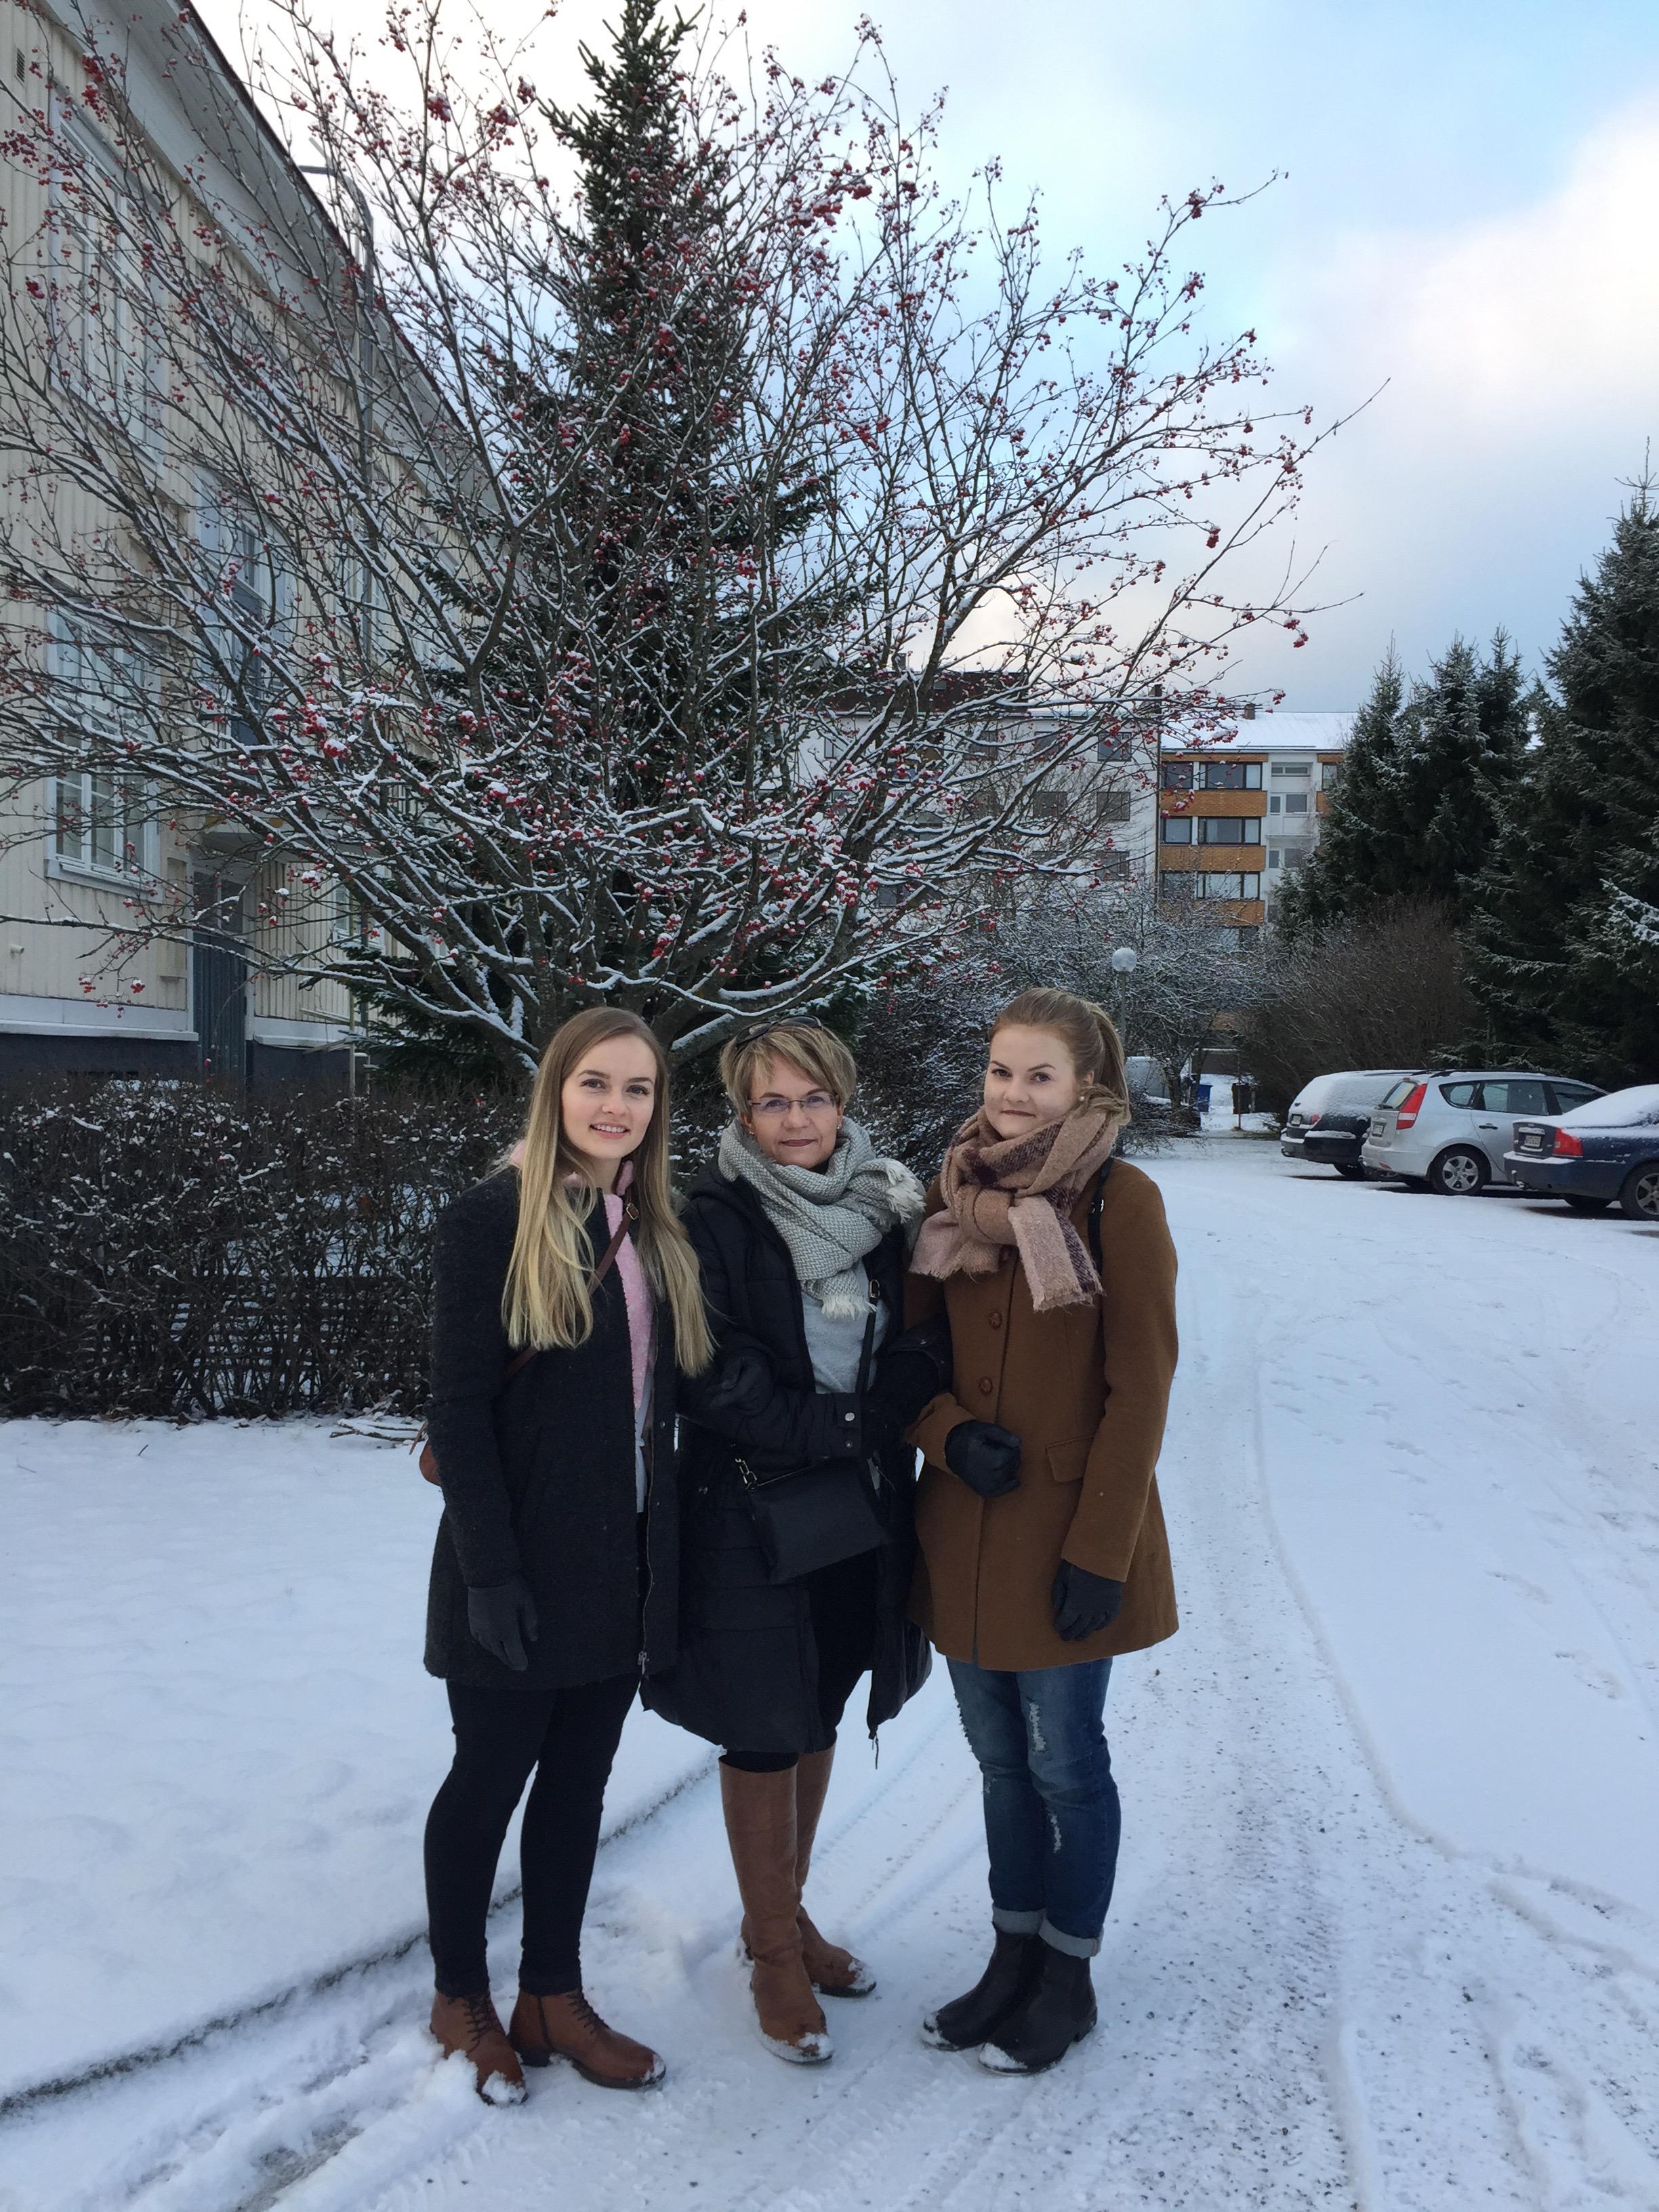 På Finlands hundraårsdag år 2017. Tre kvinnor: Mindy, Mamma, Ebba.